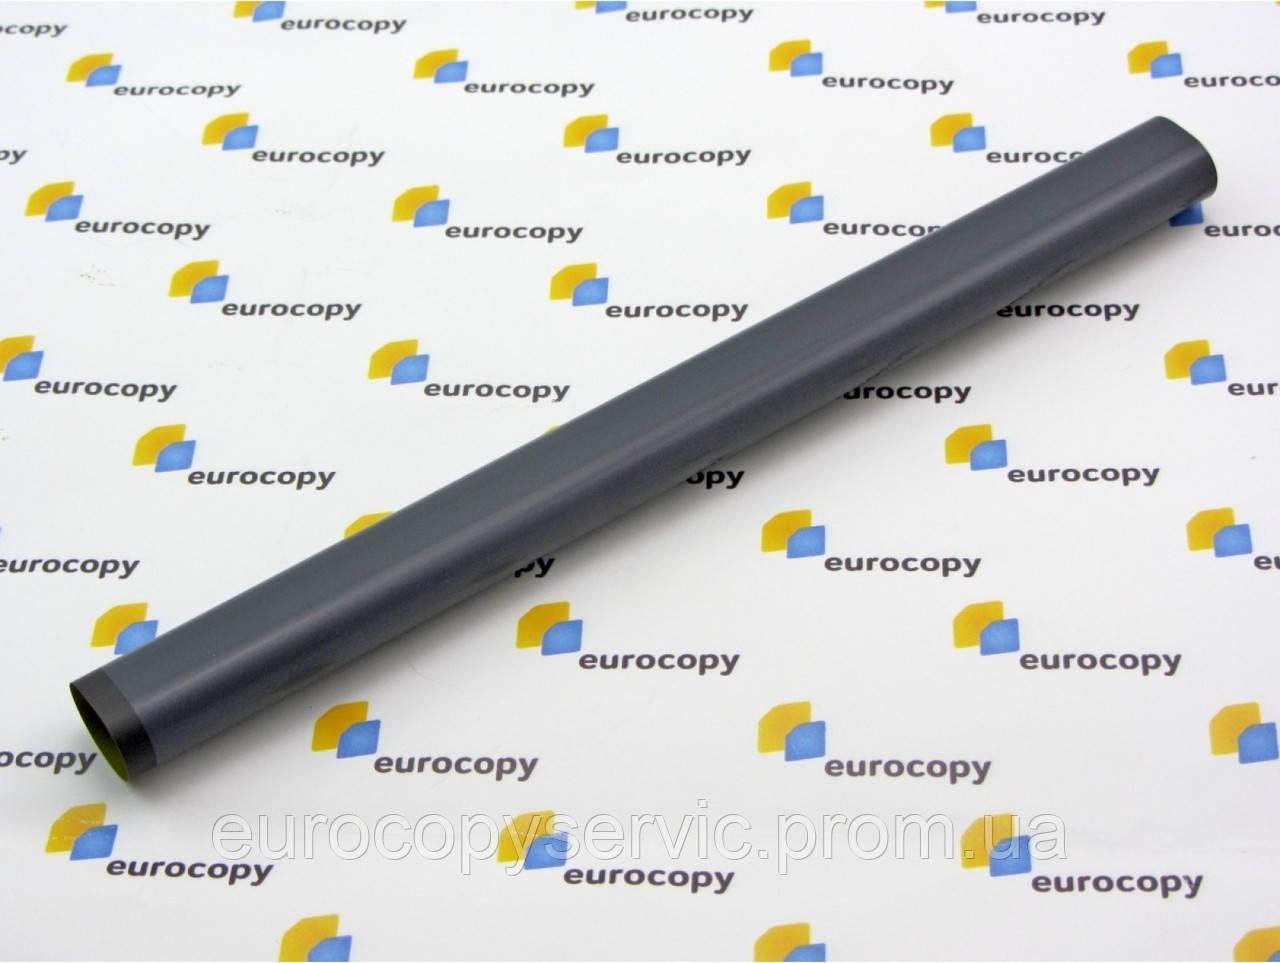 Термоплівка HP LaserJet 1200 / 1000W / P1005 / P1006 / 33XX / M1536 (FF-1200) Korea